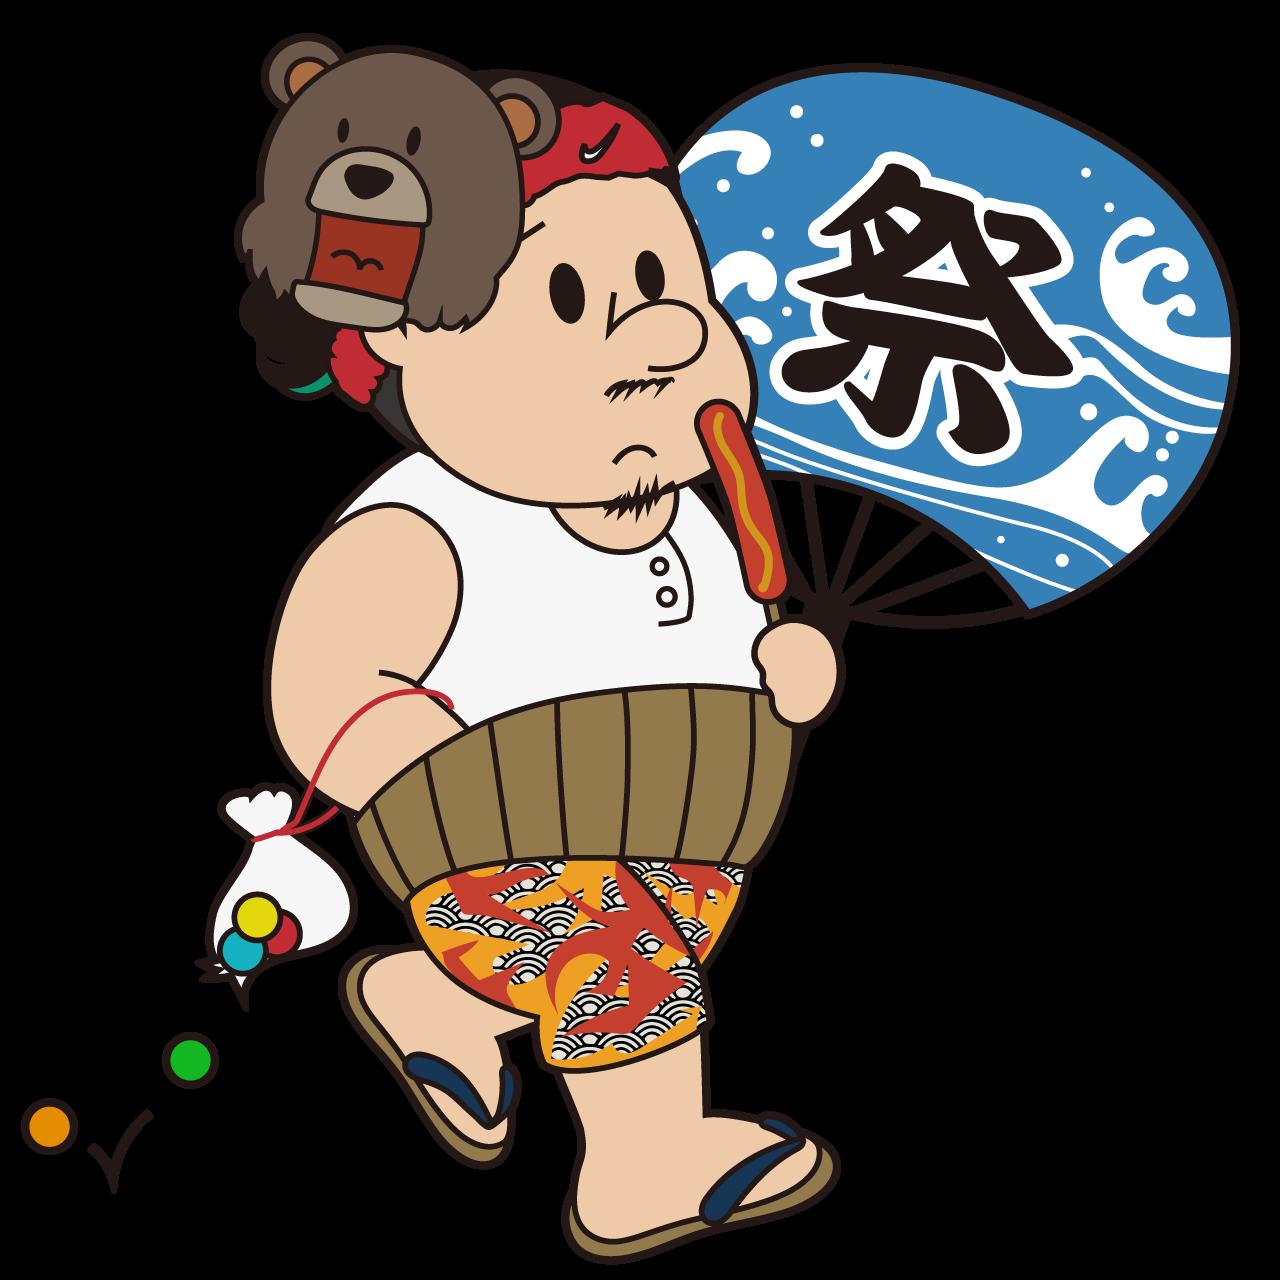 【8/11(土)】QOOOP夏祭り開催!